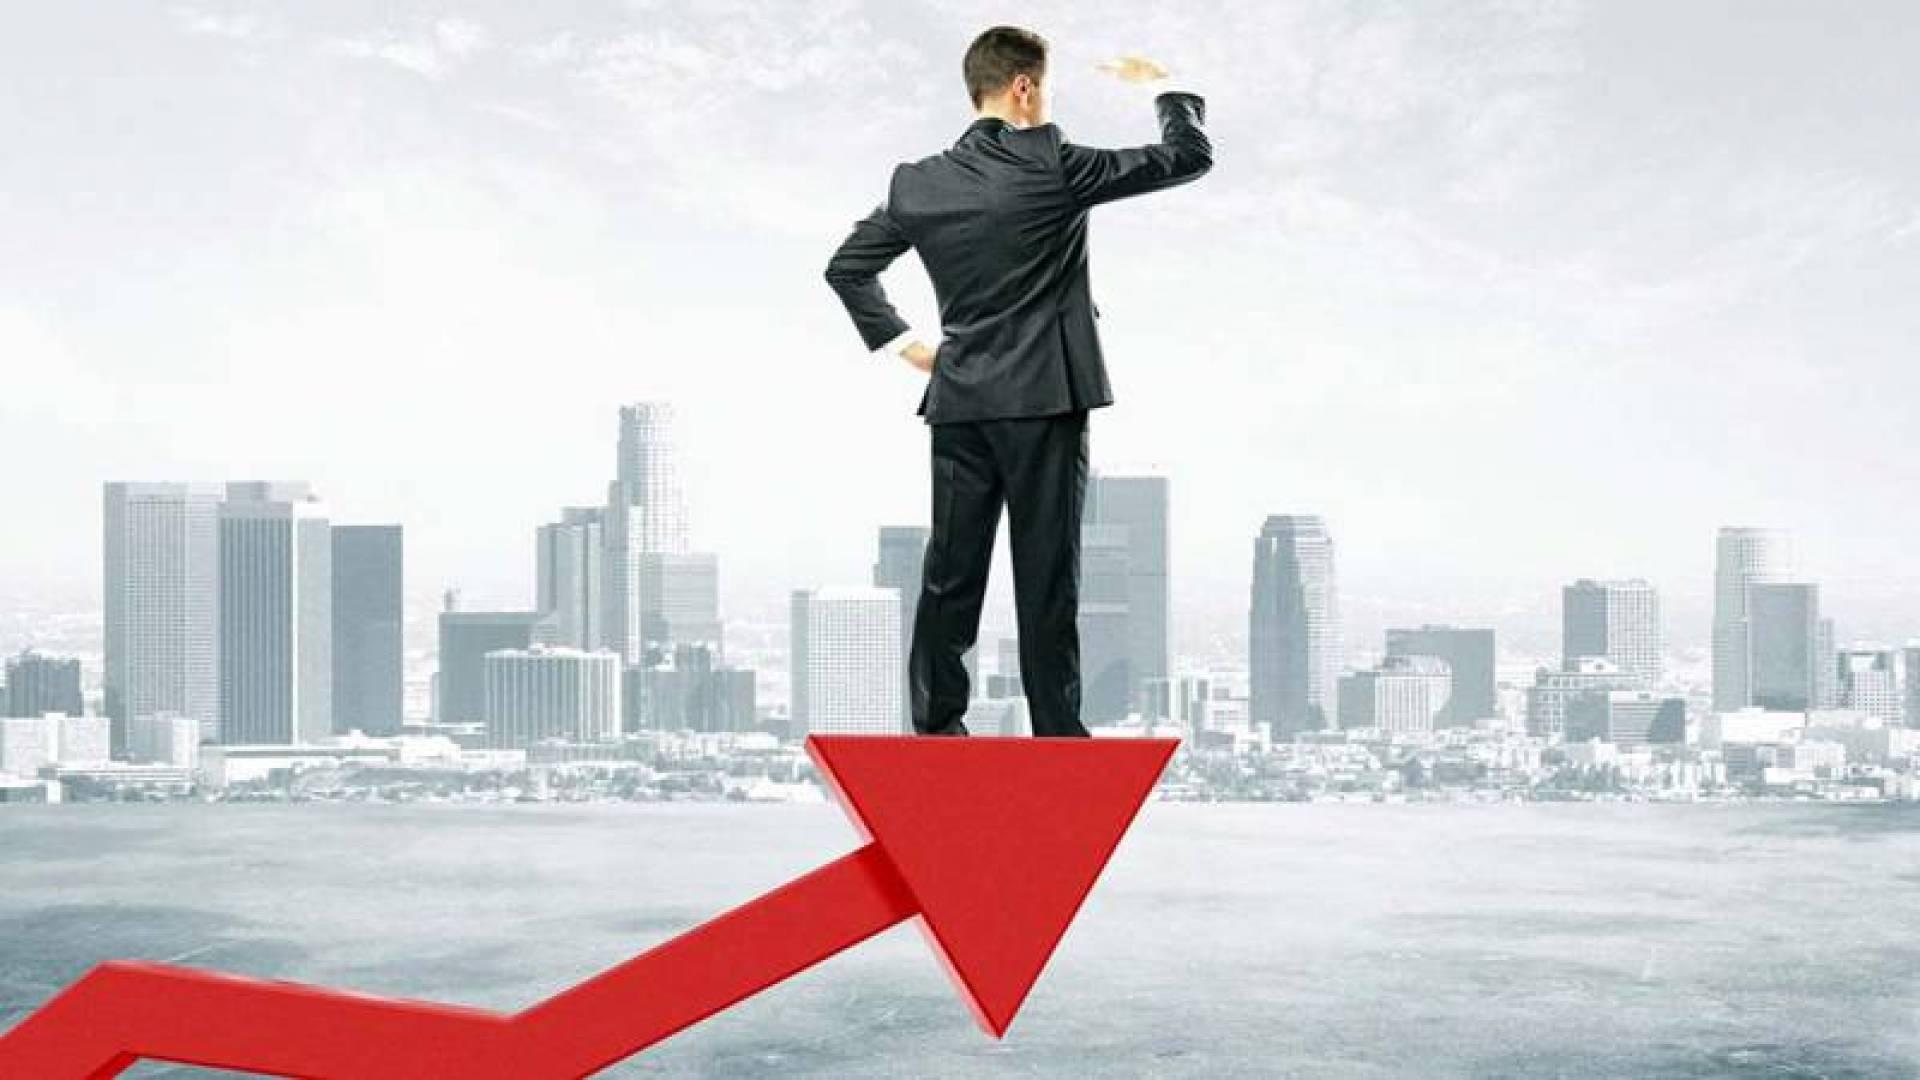 5 أسرار وراء نجاح رواد الأعمال وثرائهم